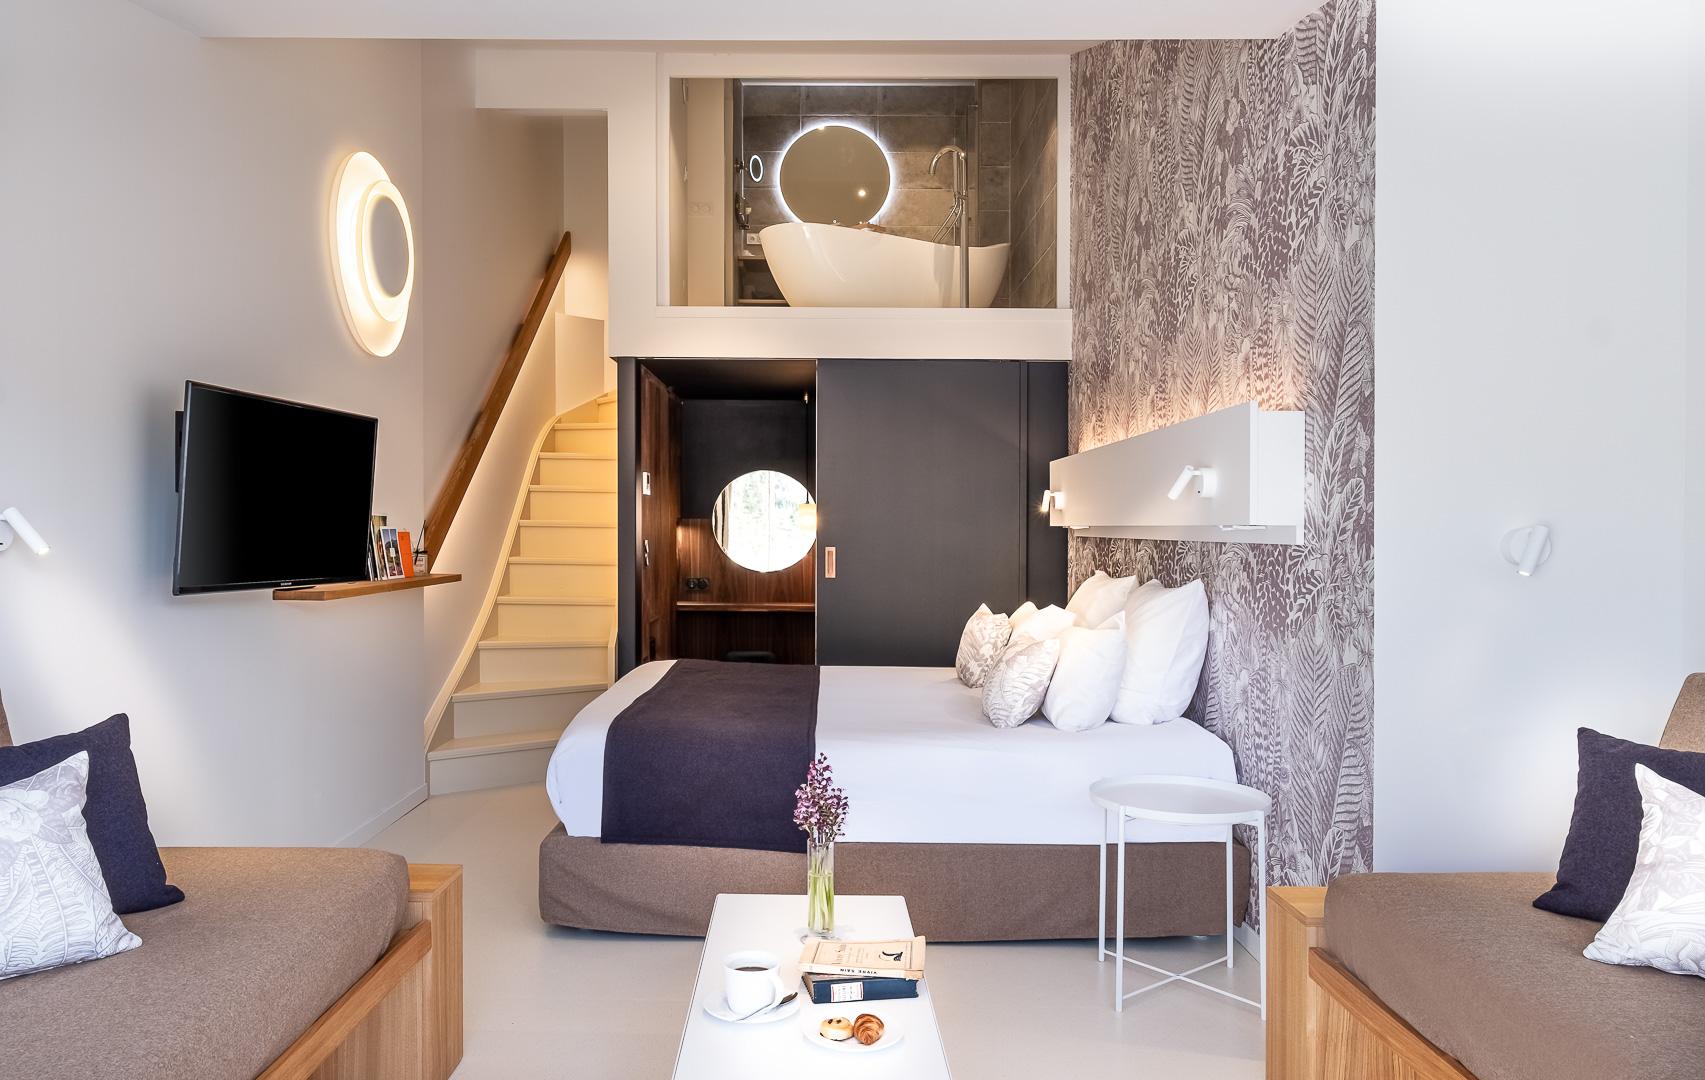 Chambre duplex hotel moustiers sainte marie - Chambre d hotes gorges du verdon ...